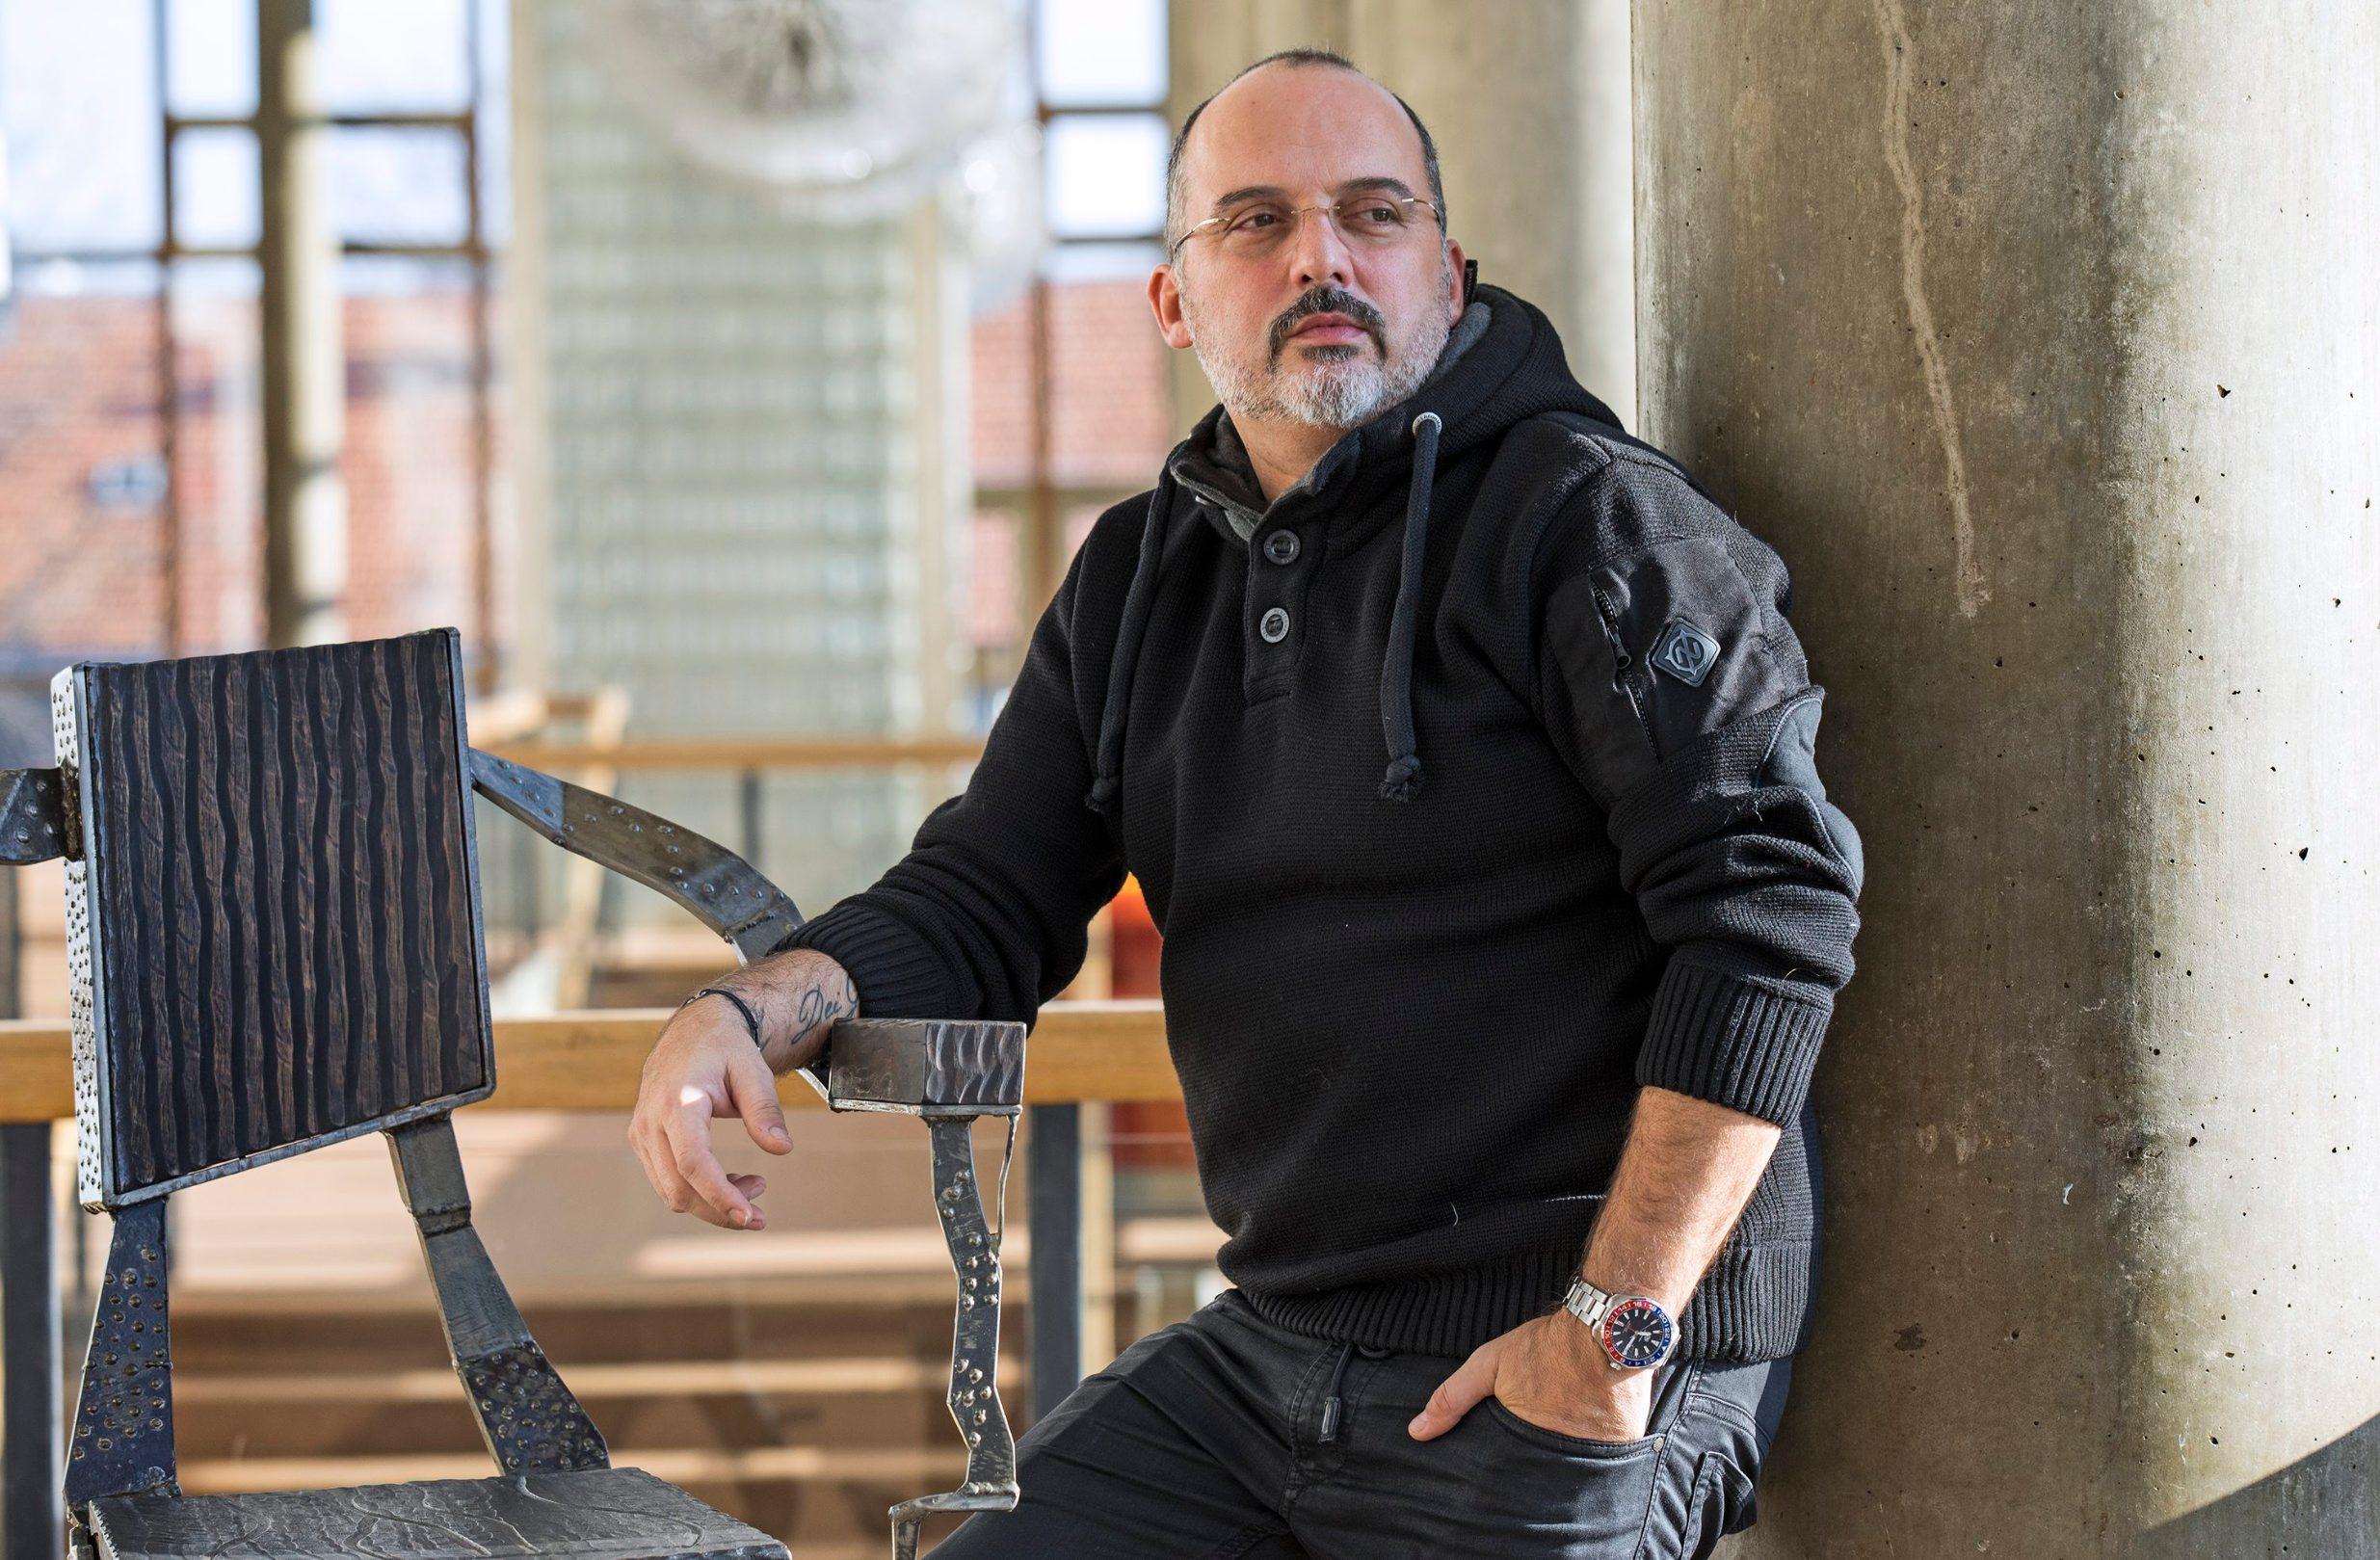 Tony Cetinski uoči humanitarnog koncerta 'Moja učiteljica zove se nada' krajem 2017. godine u Lisinskom.